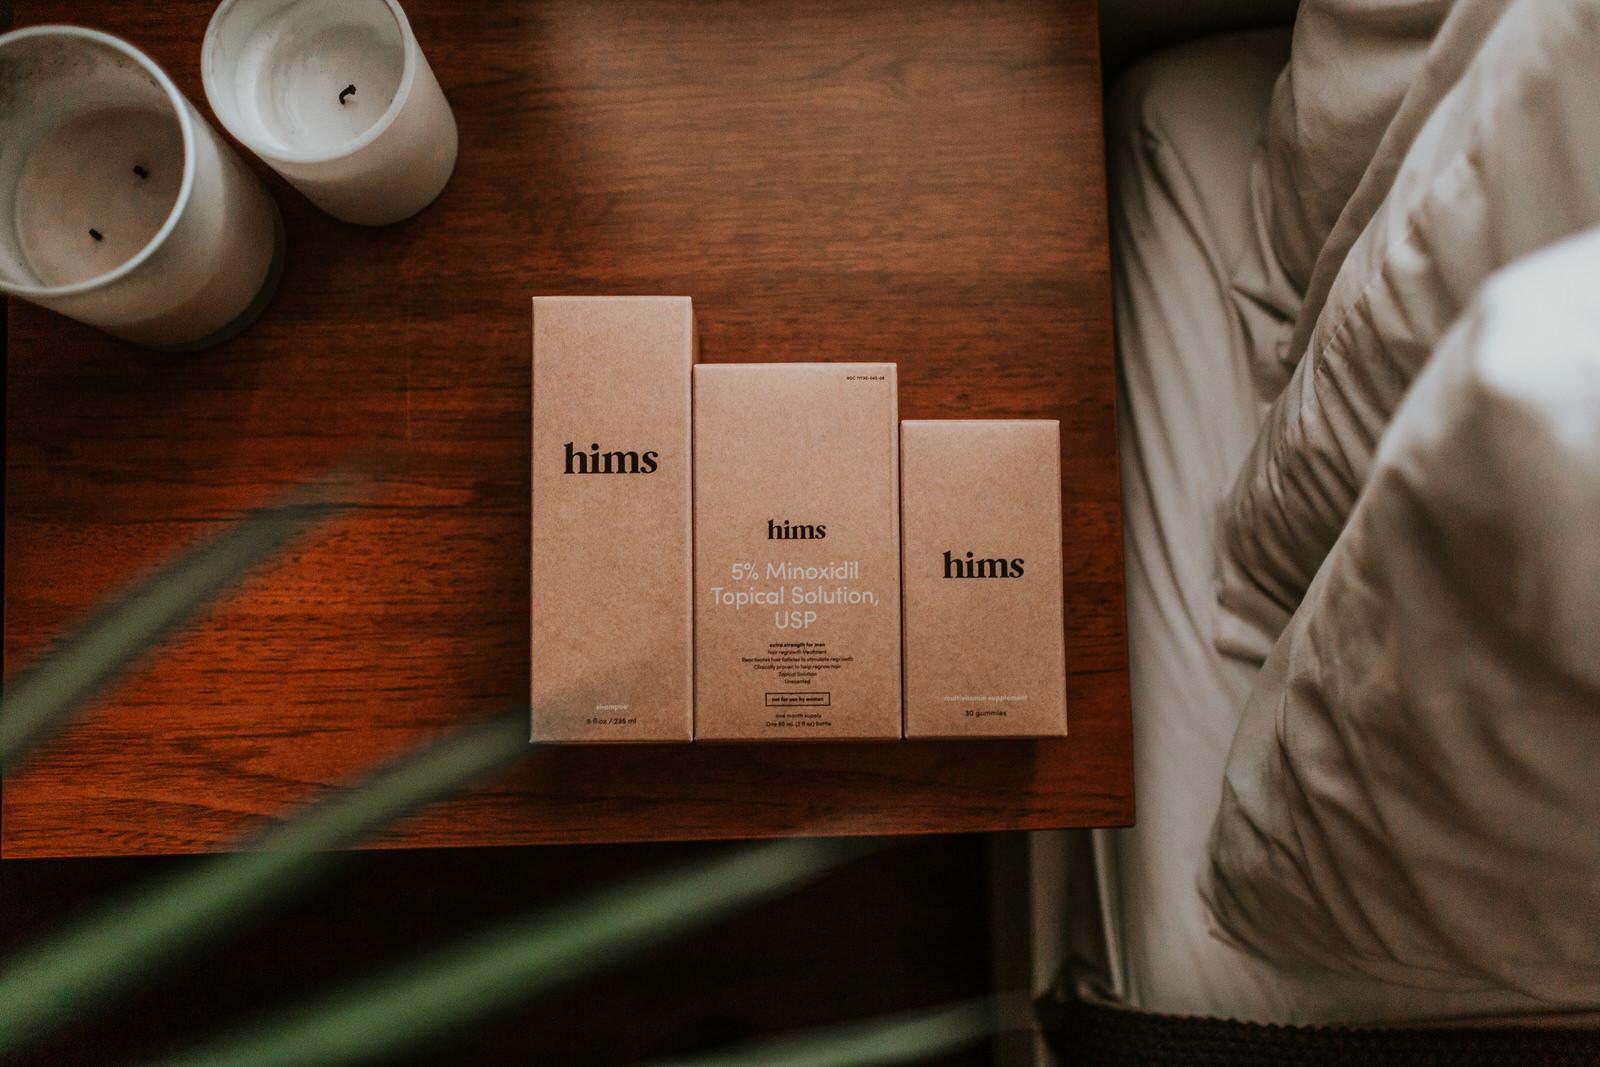 HIMS-Packaging-6.jpg